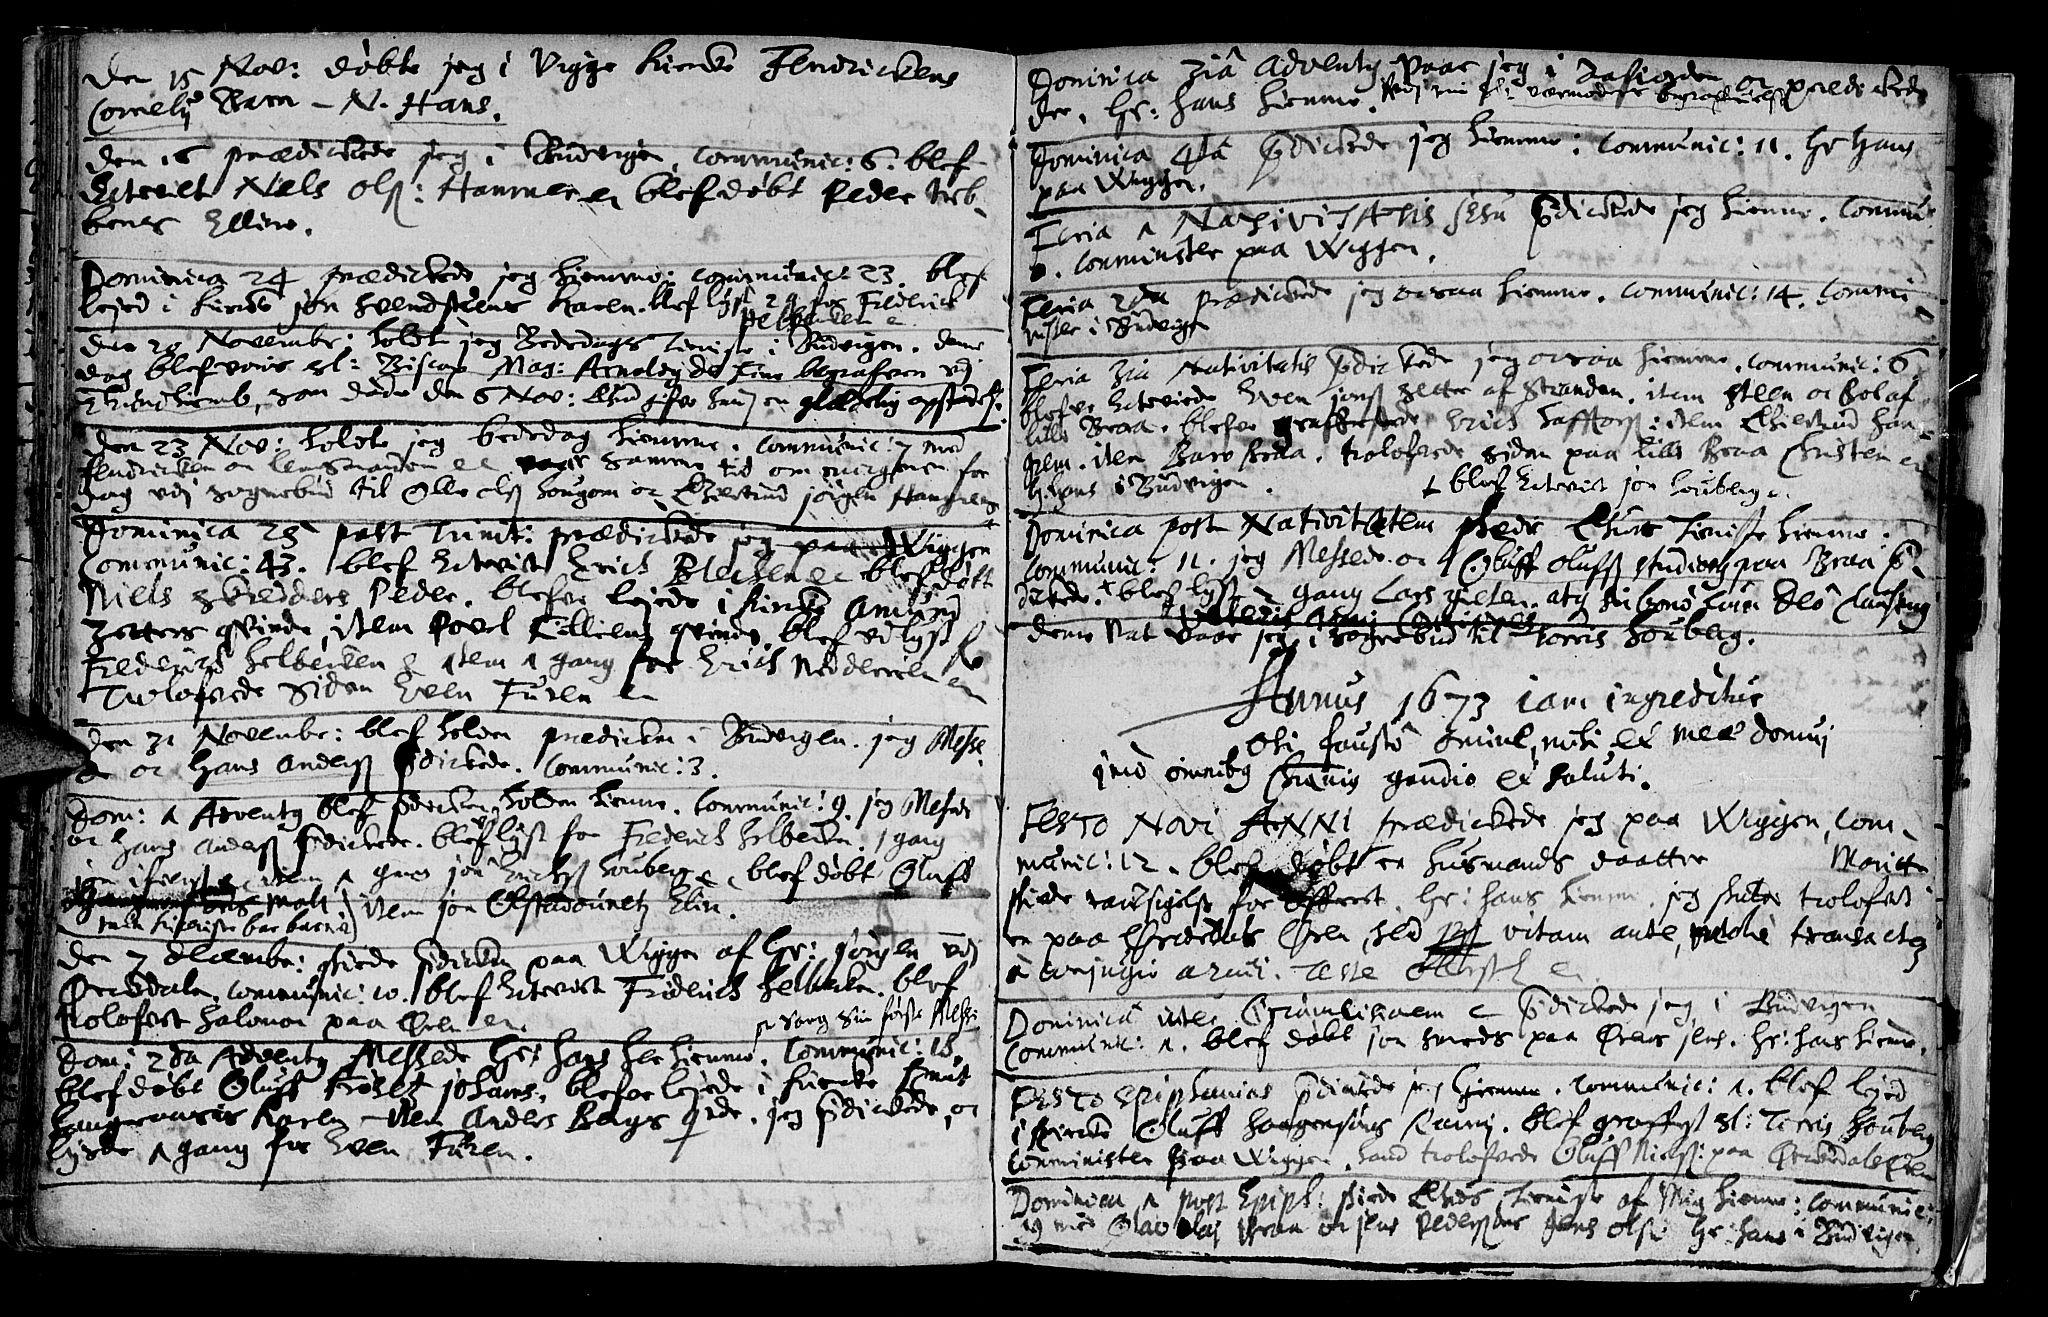 SAT, Ministerialprotokoller, klokkerbøker og fødselsregistre - Sør-Trøndelag, 612/L0367: Ministerialbok nr. 612A01, 1667-1684